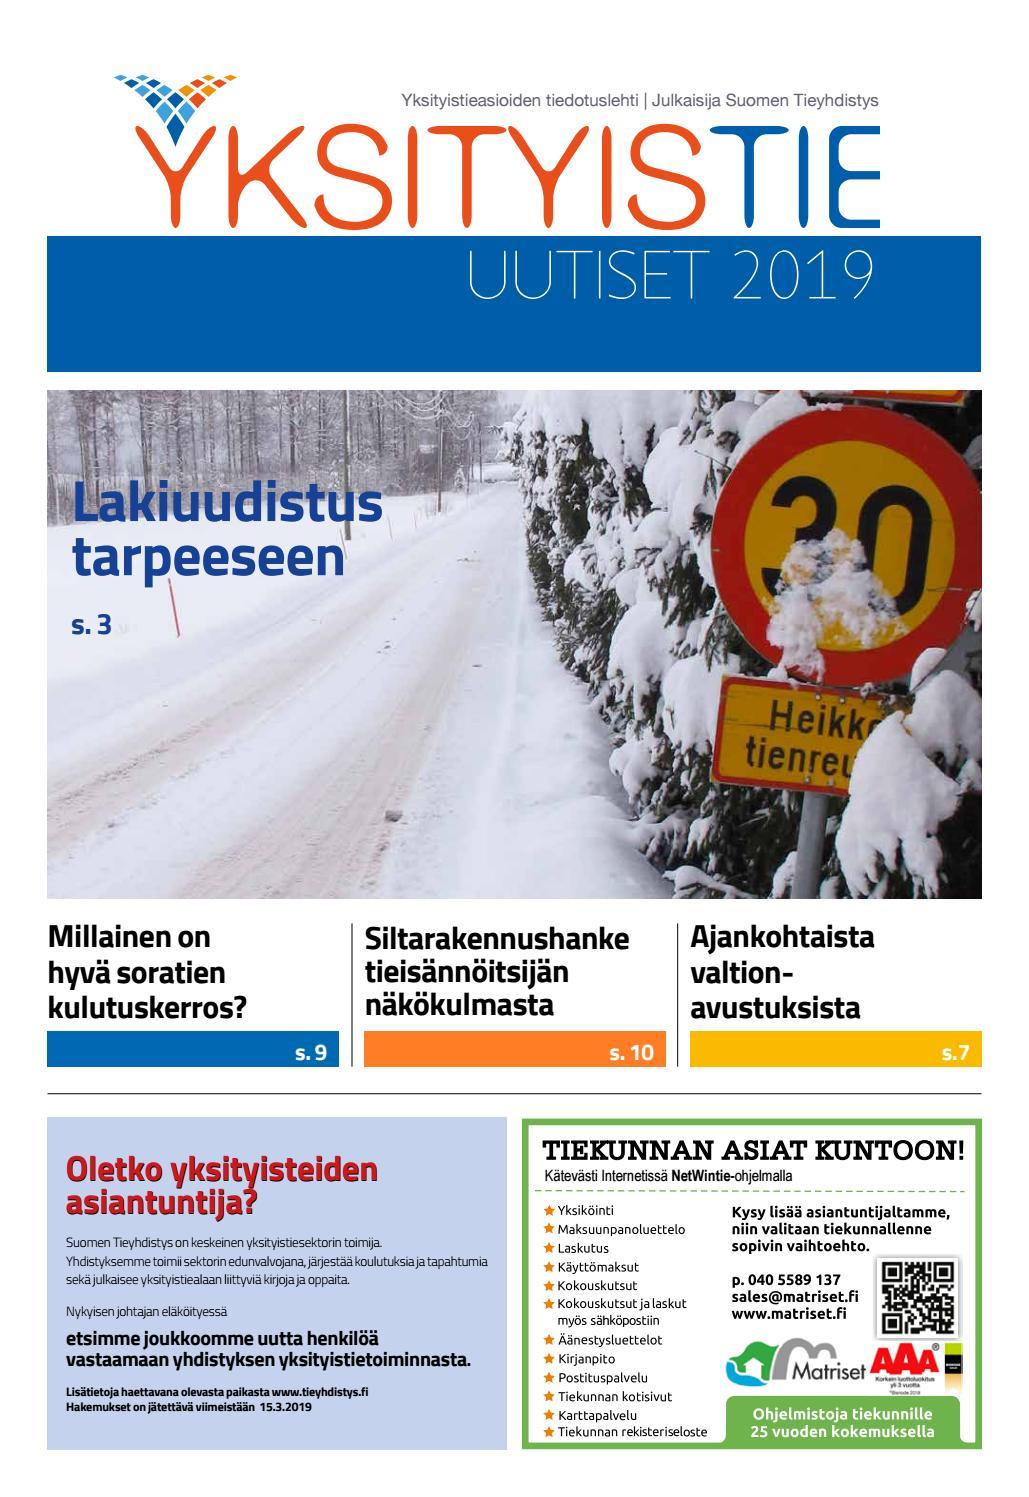 Yksityistieuutiset 2019 by Suomen Tieyhdistys - issuu d06ef8c644